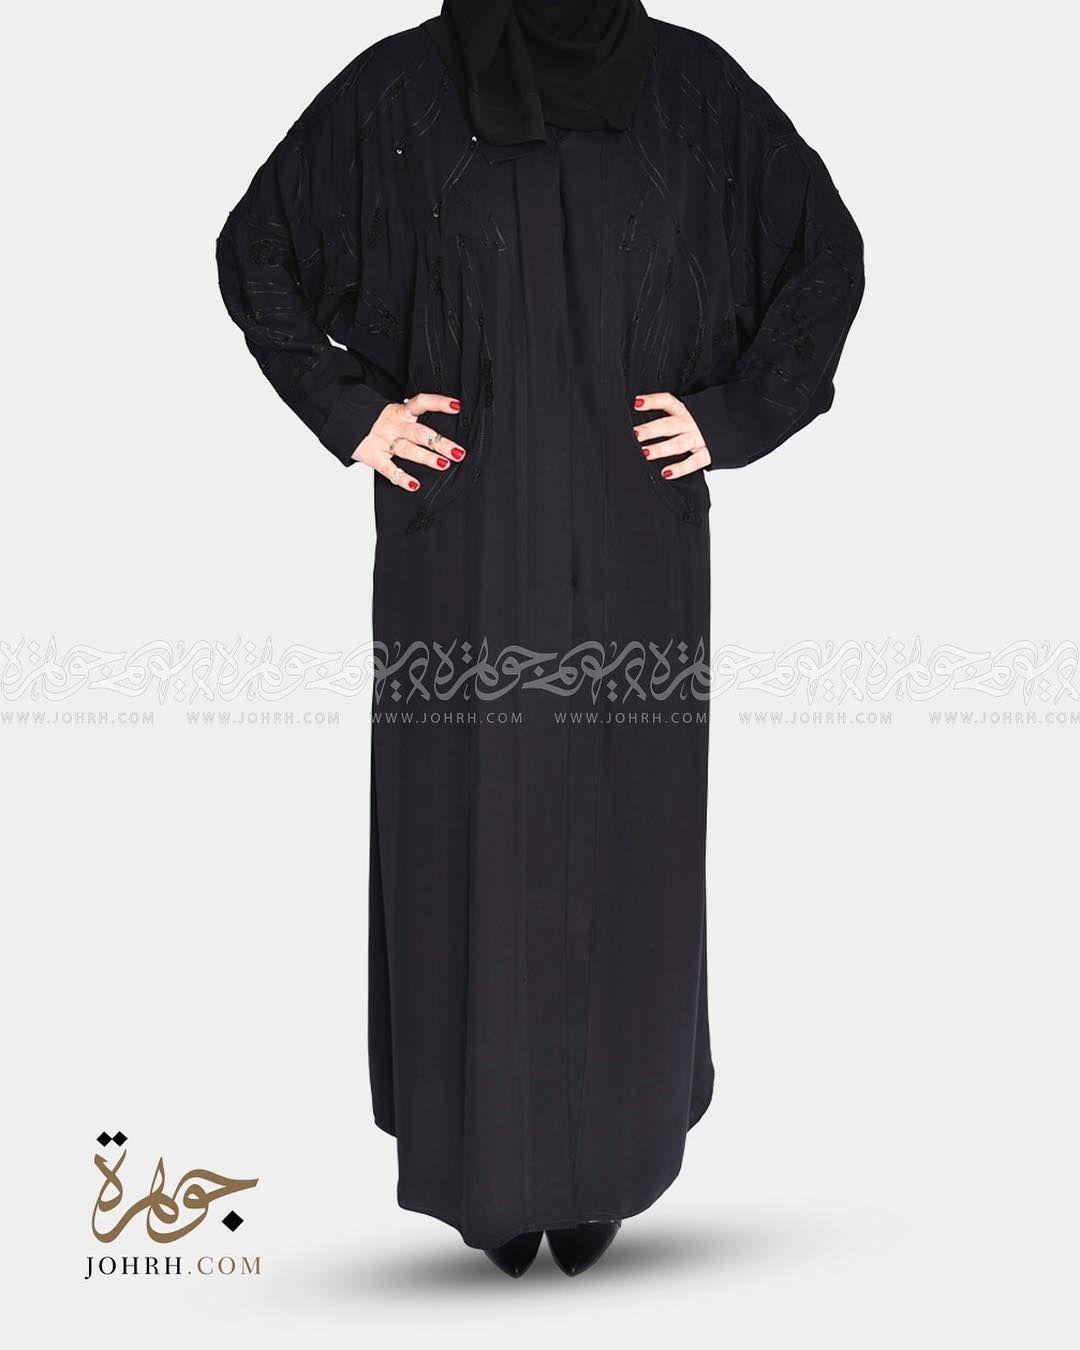 رقم الموديل 1365 السعر بعد الخصم 220 ريال تميزي بهذه العباءة ذات اللون الاسود الرئع والتطريز الذي يكسو أعلى العباءة والممتد الى Fashion Dresses Nun Dress